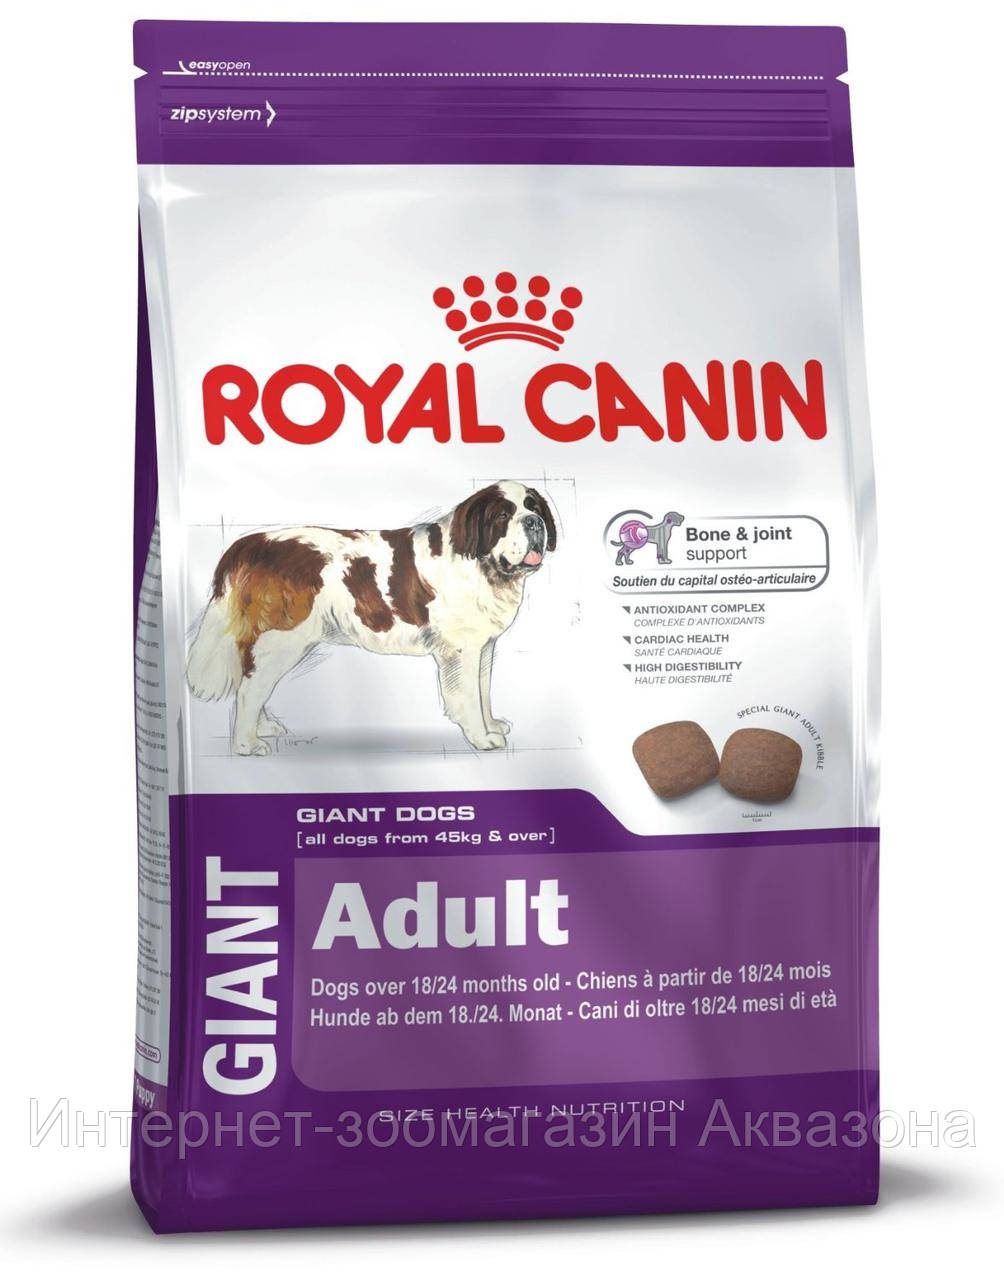 Royal Canin Giant Adult, для собак гигантских пород 15 кг